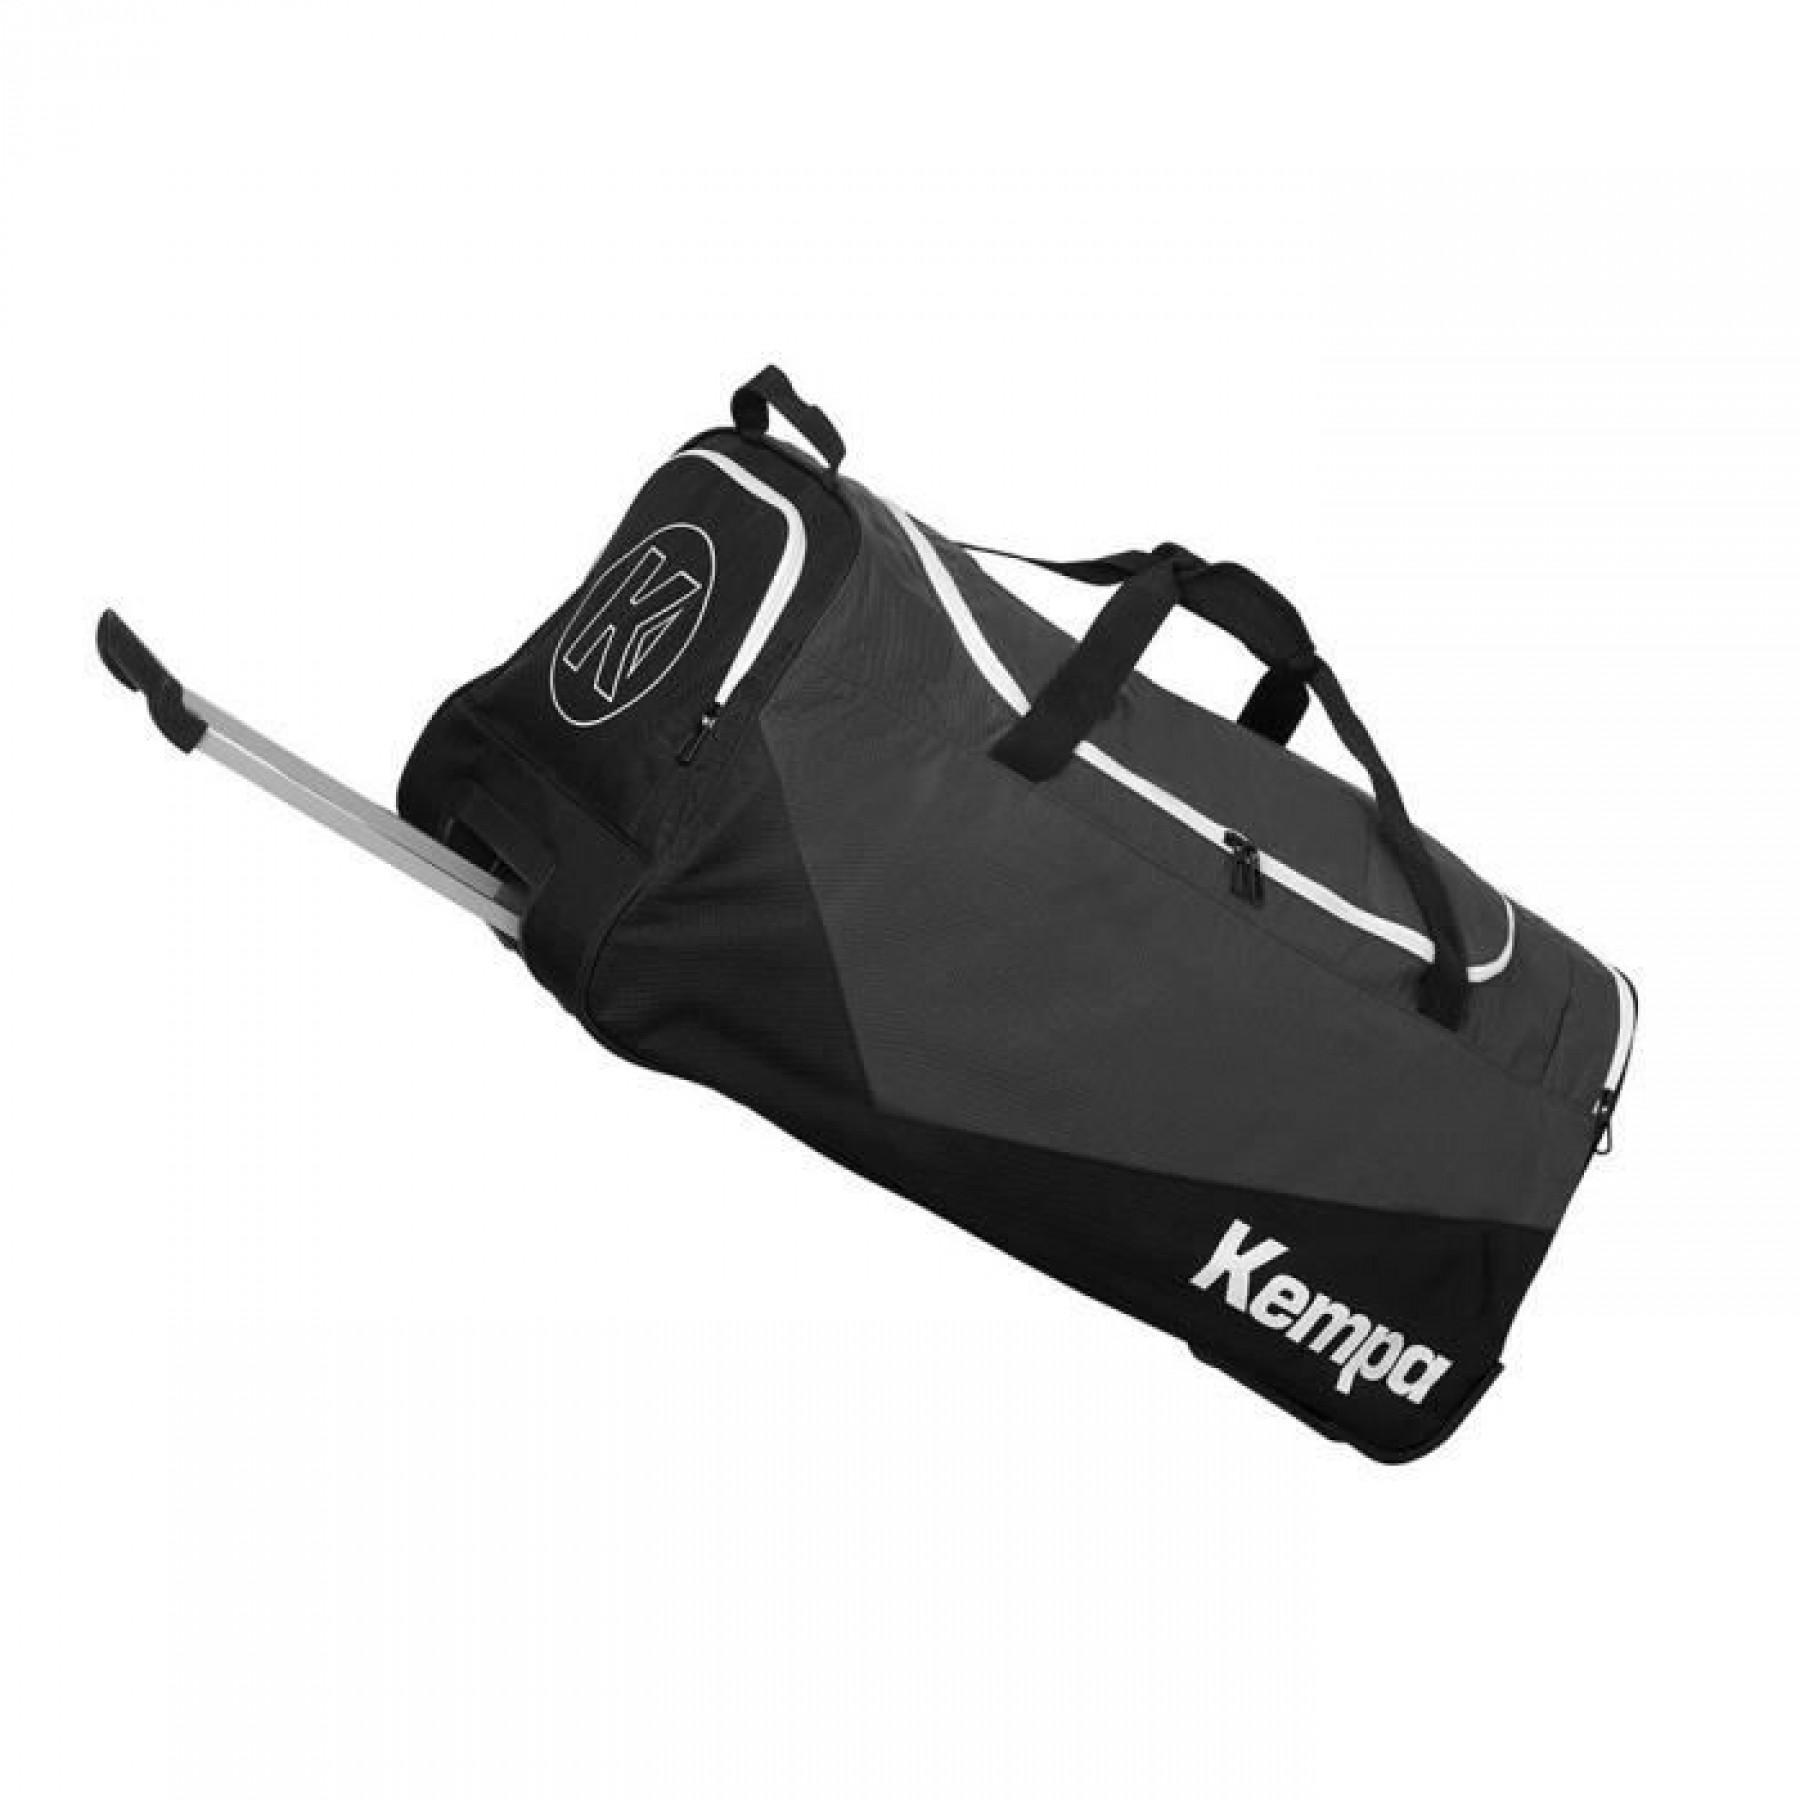 Trolley bag Kempa Medium